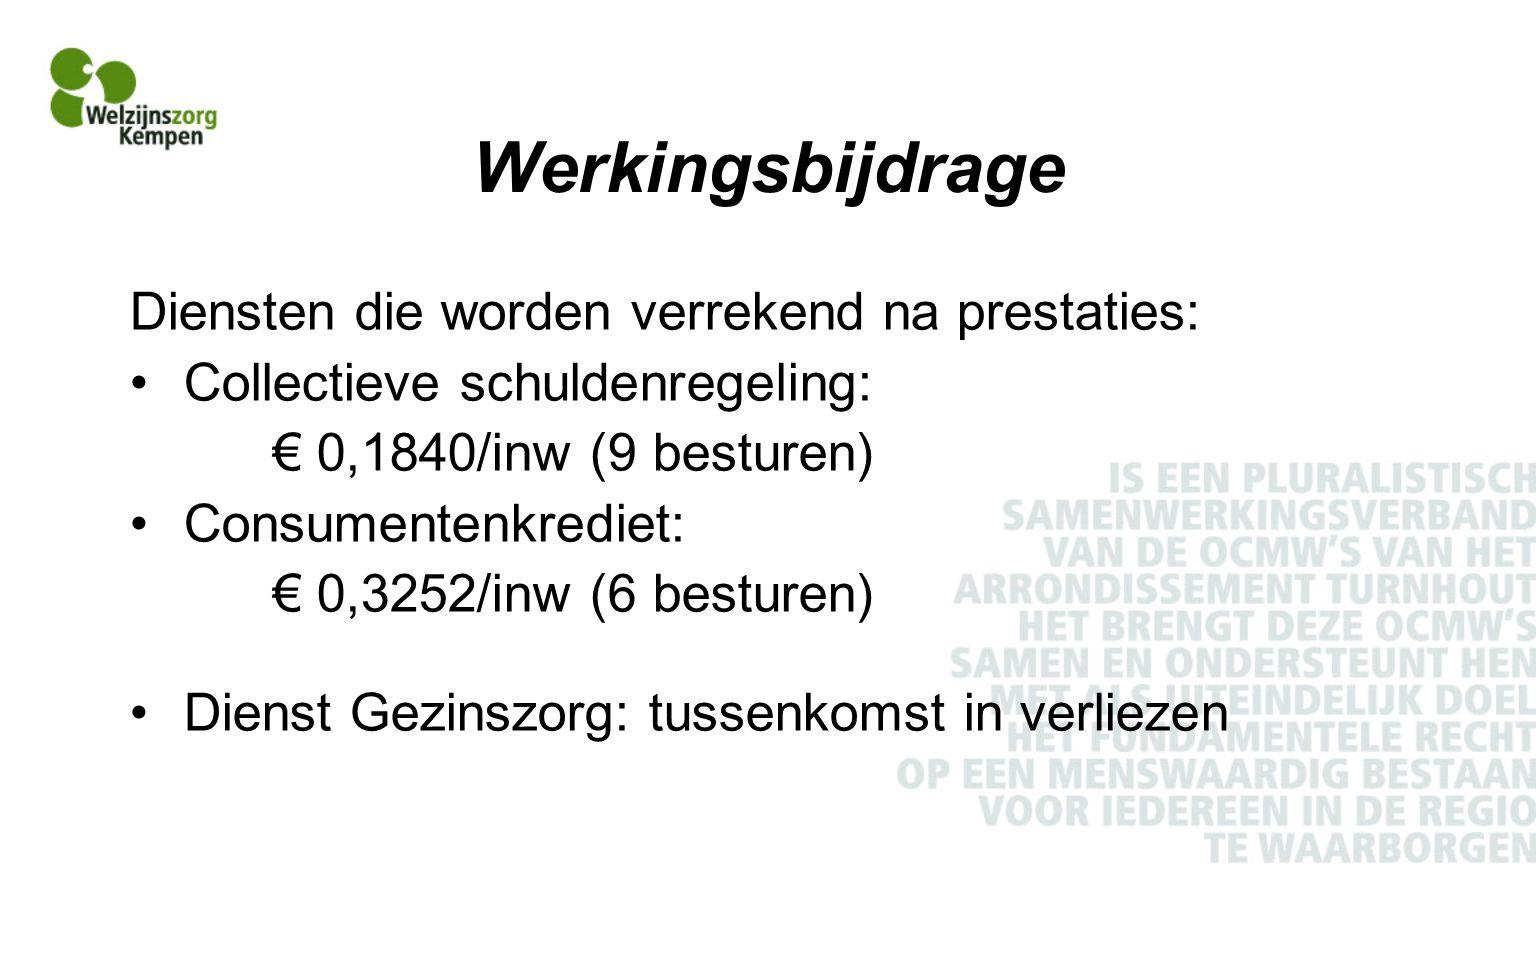 Werkingsbijdrage Diensten die worden verrekend na prestaties: Collectieve schuldenregeling: € 0,1840/inw (9 besturen) Consumentenkrediet: € 0,3252/inw (6 besturen) Dienst Gezinszorg: tussenkomst in verliezen